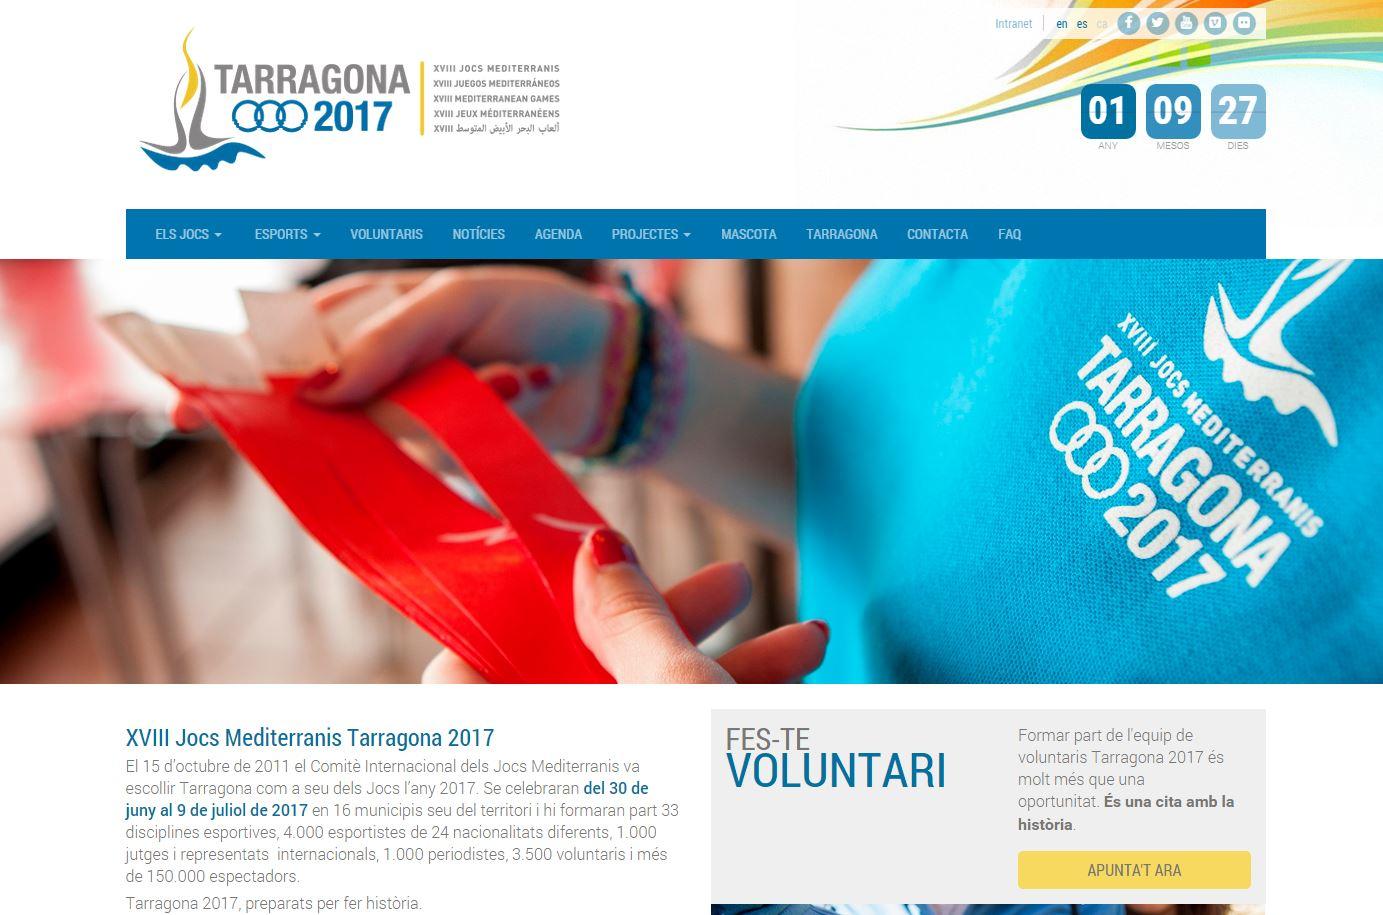 Web de Tarragona 2017